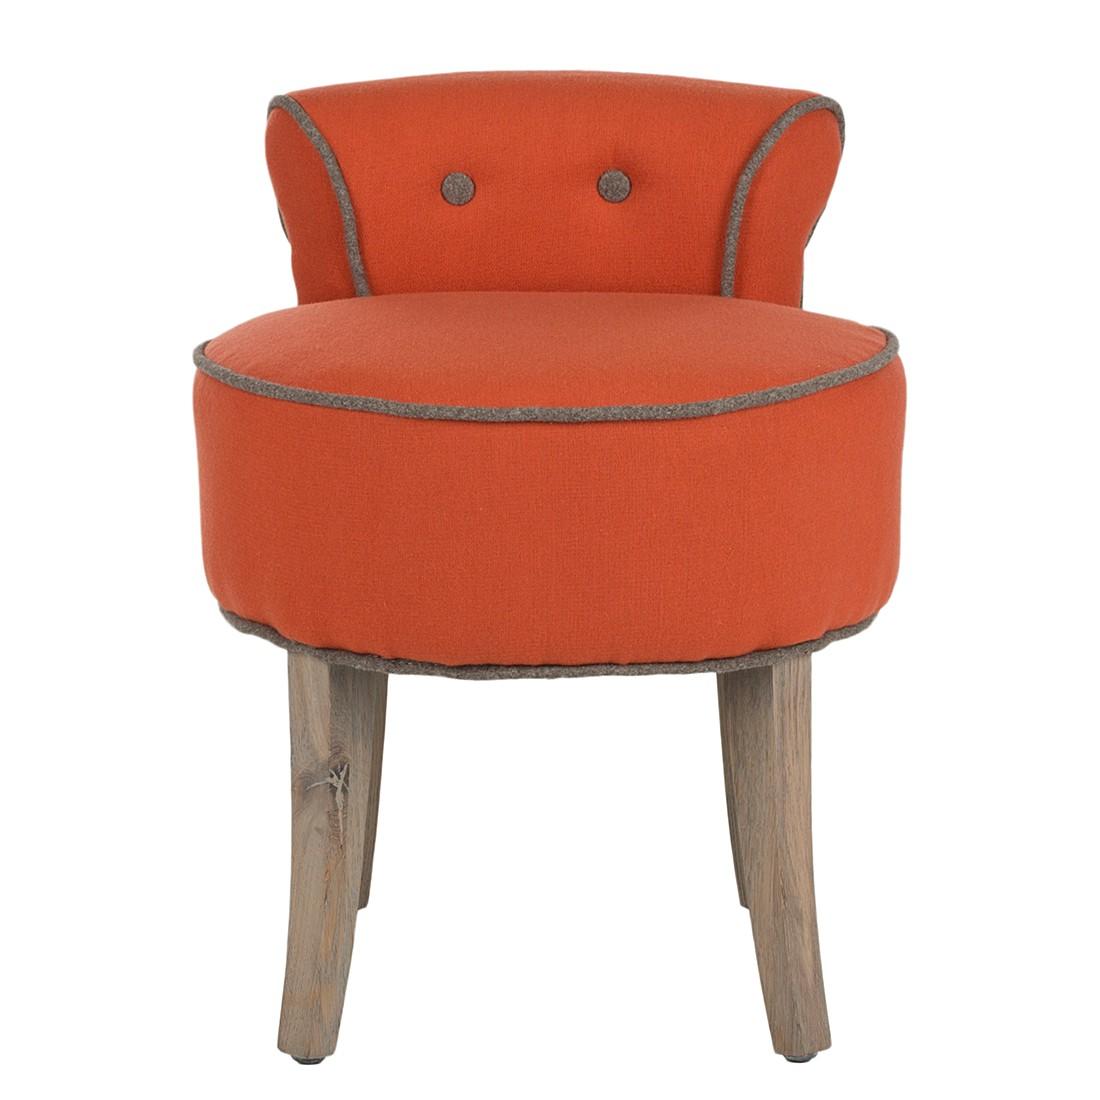 polsterstuhl preisvergleich die besten angebote online kaufen. Black Bedroom Furniture Sets. Home Design Ideas